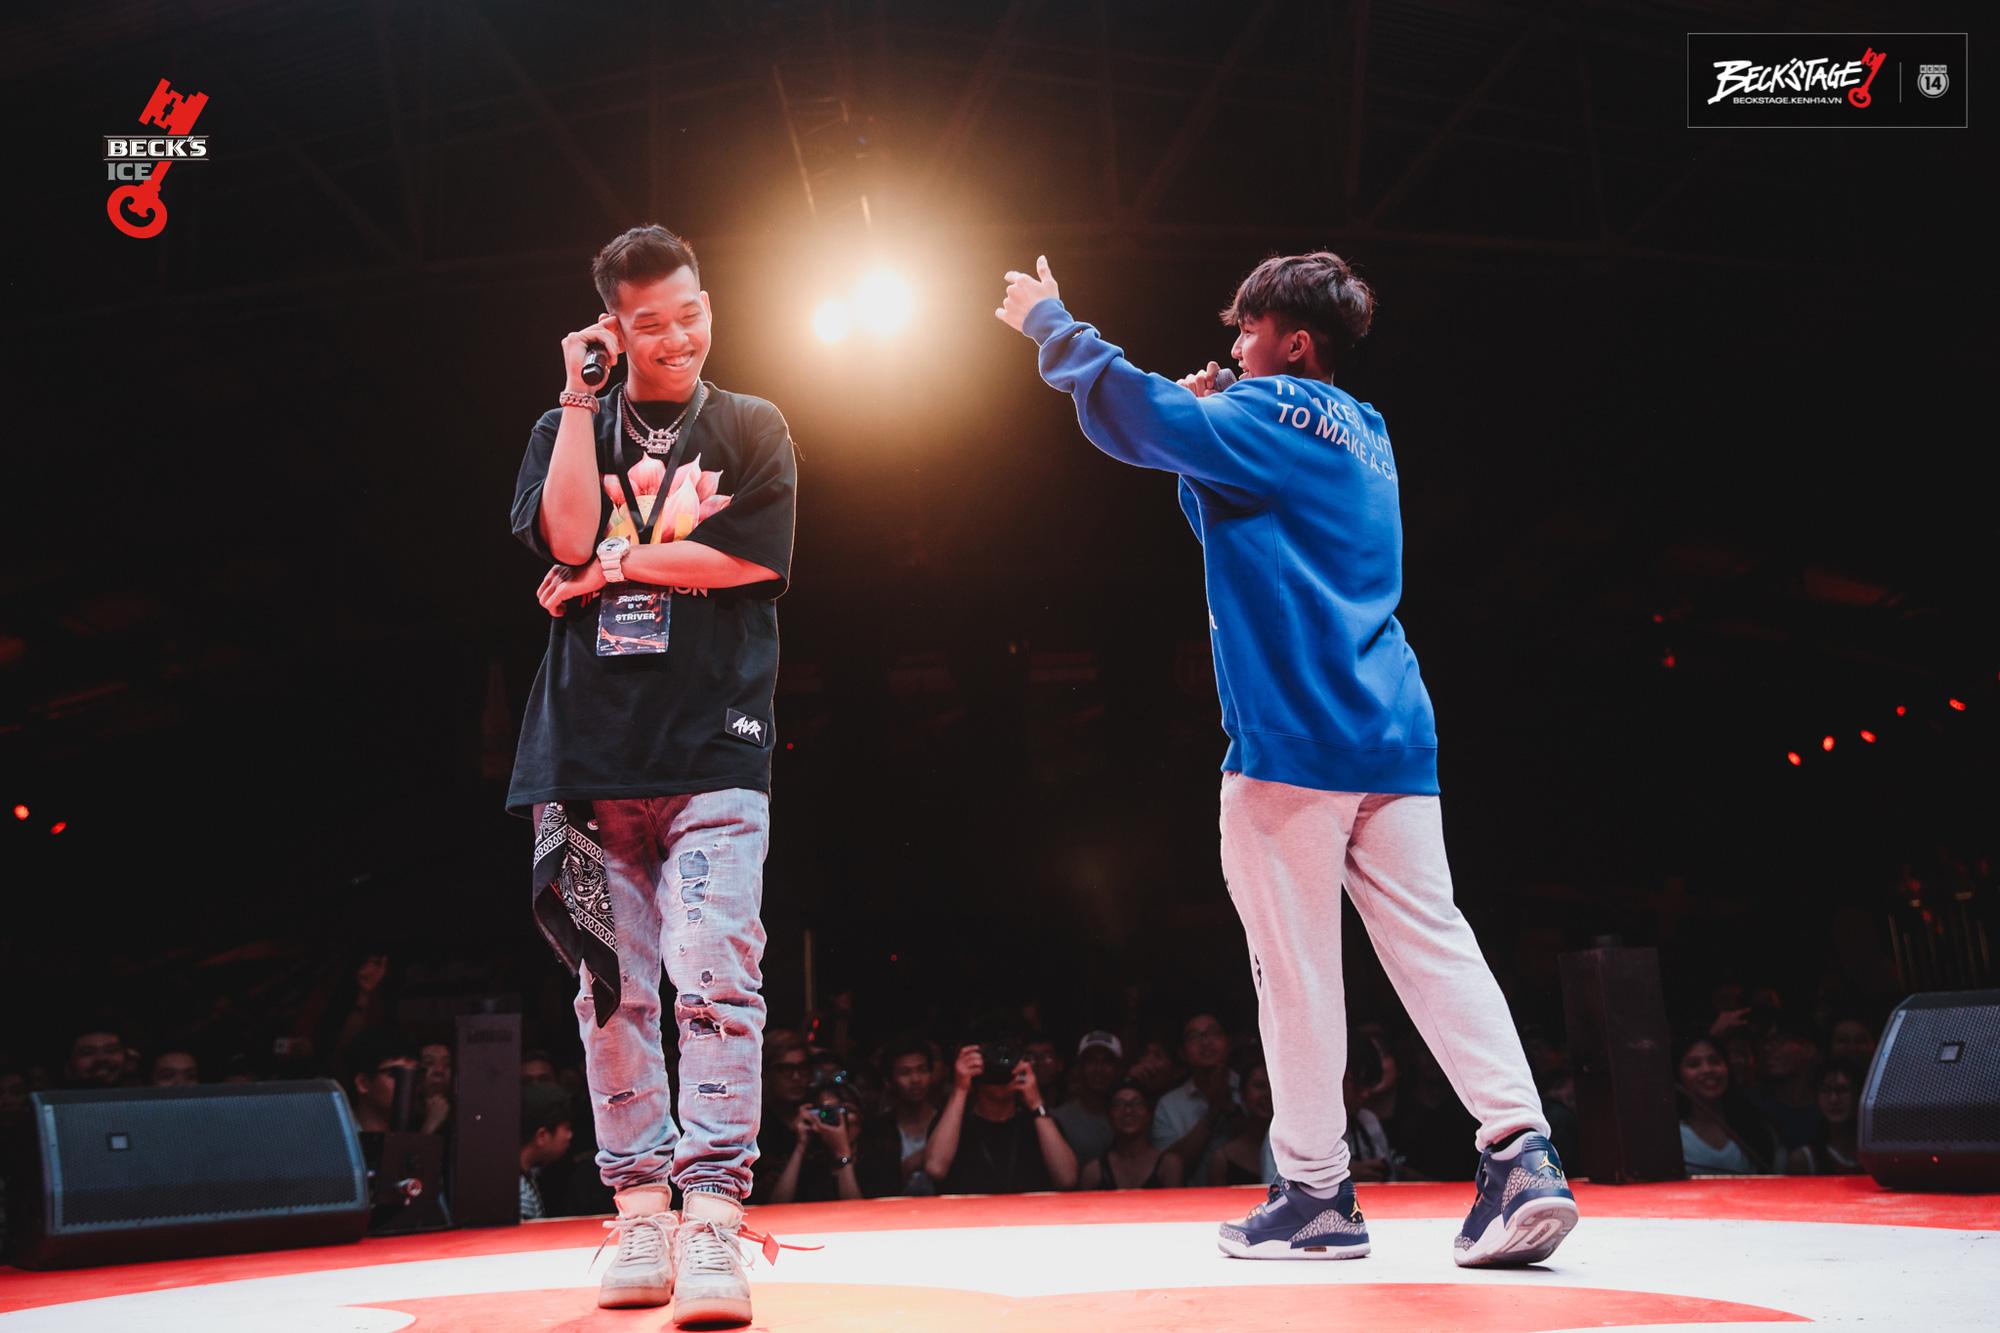 Ngôi vô địch BeckStage Battle Rap đã có chủ: Sóc Nâu và Phúc Du giành lấy ngôi vương đầy thuyết phục, một tương lai đầy hy vọng của rap Việt! - Ảnh 5.